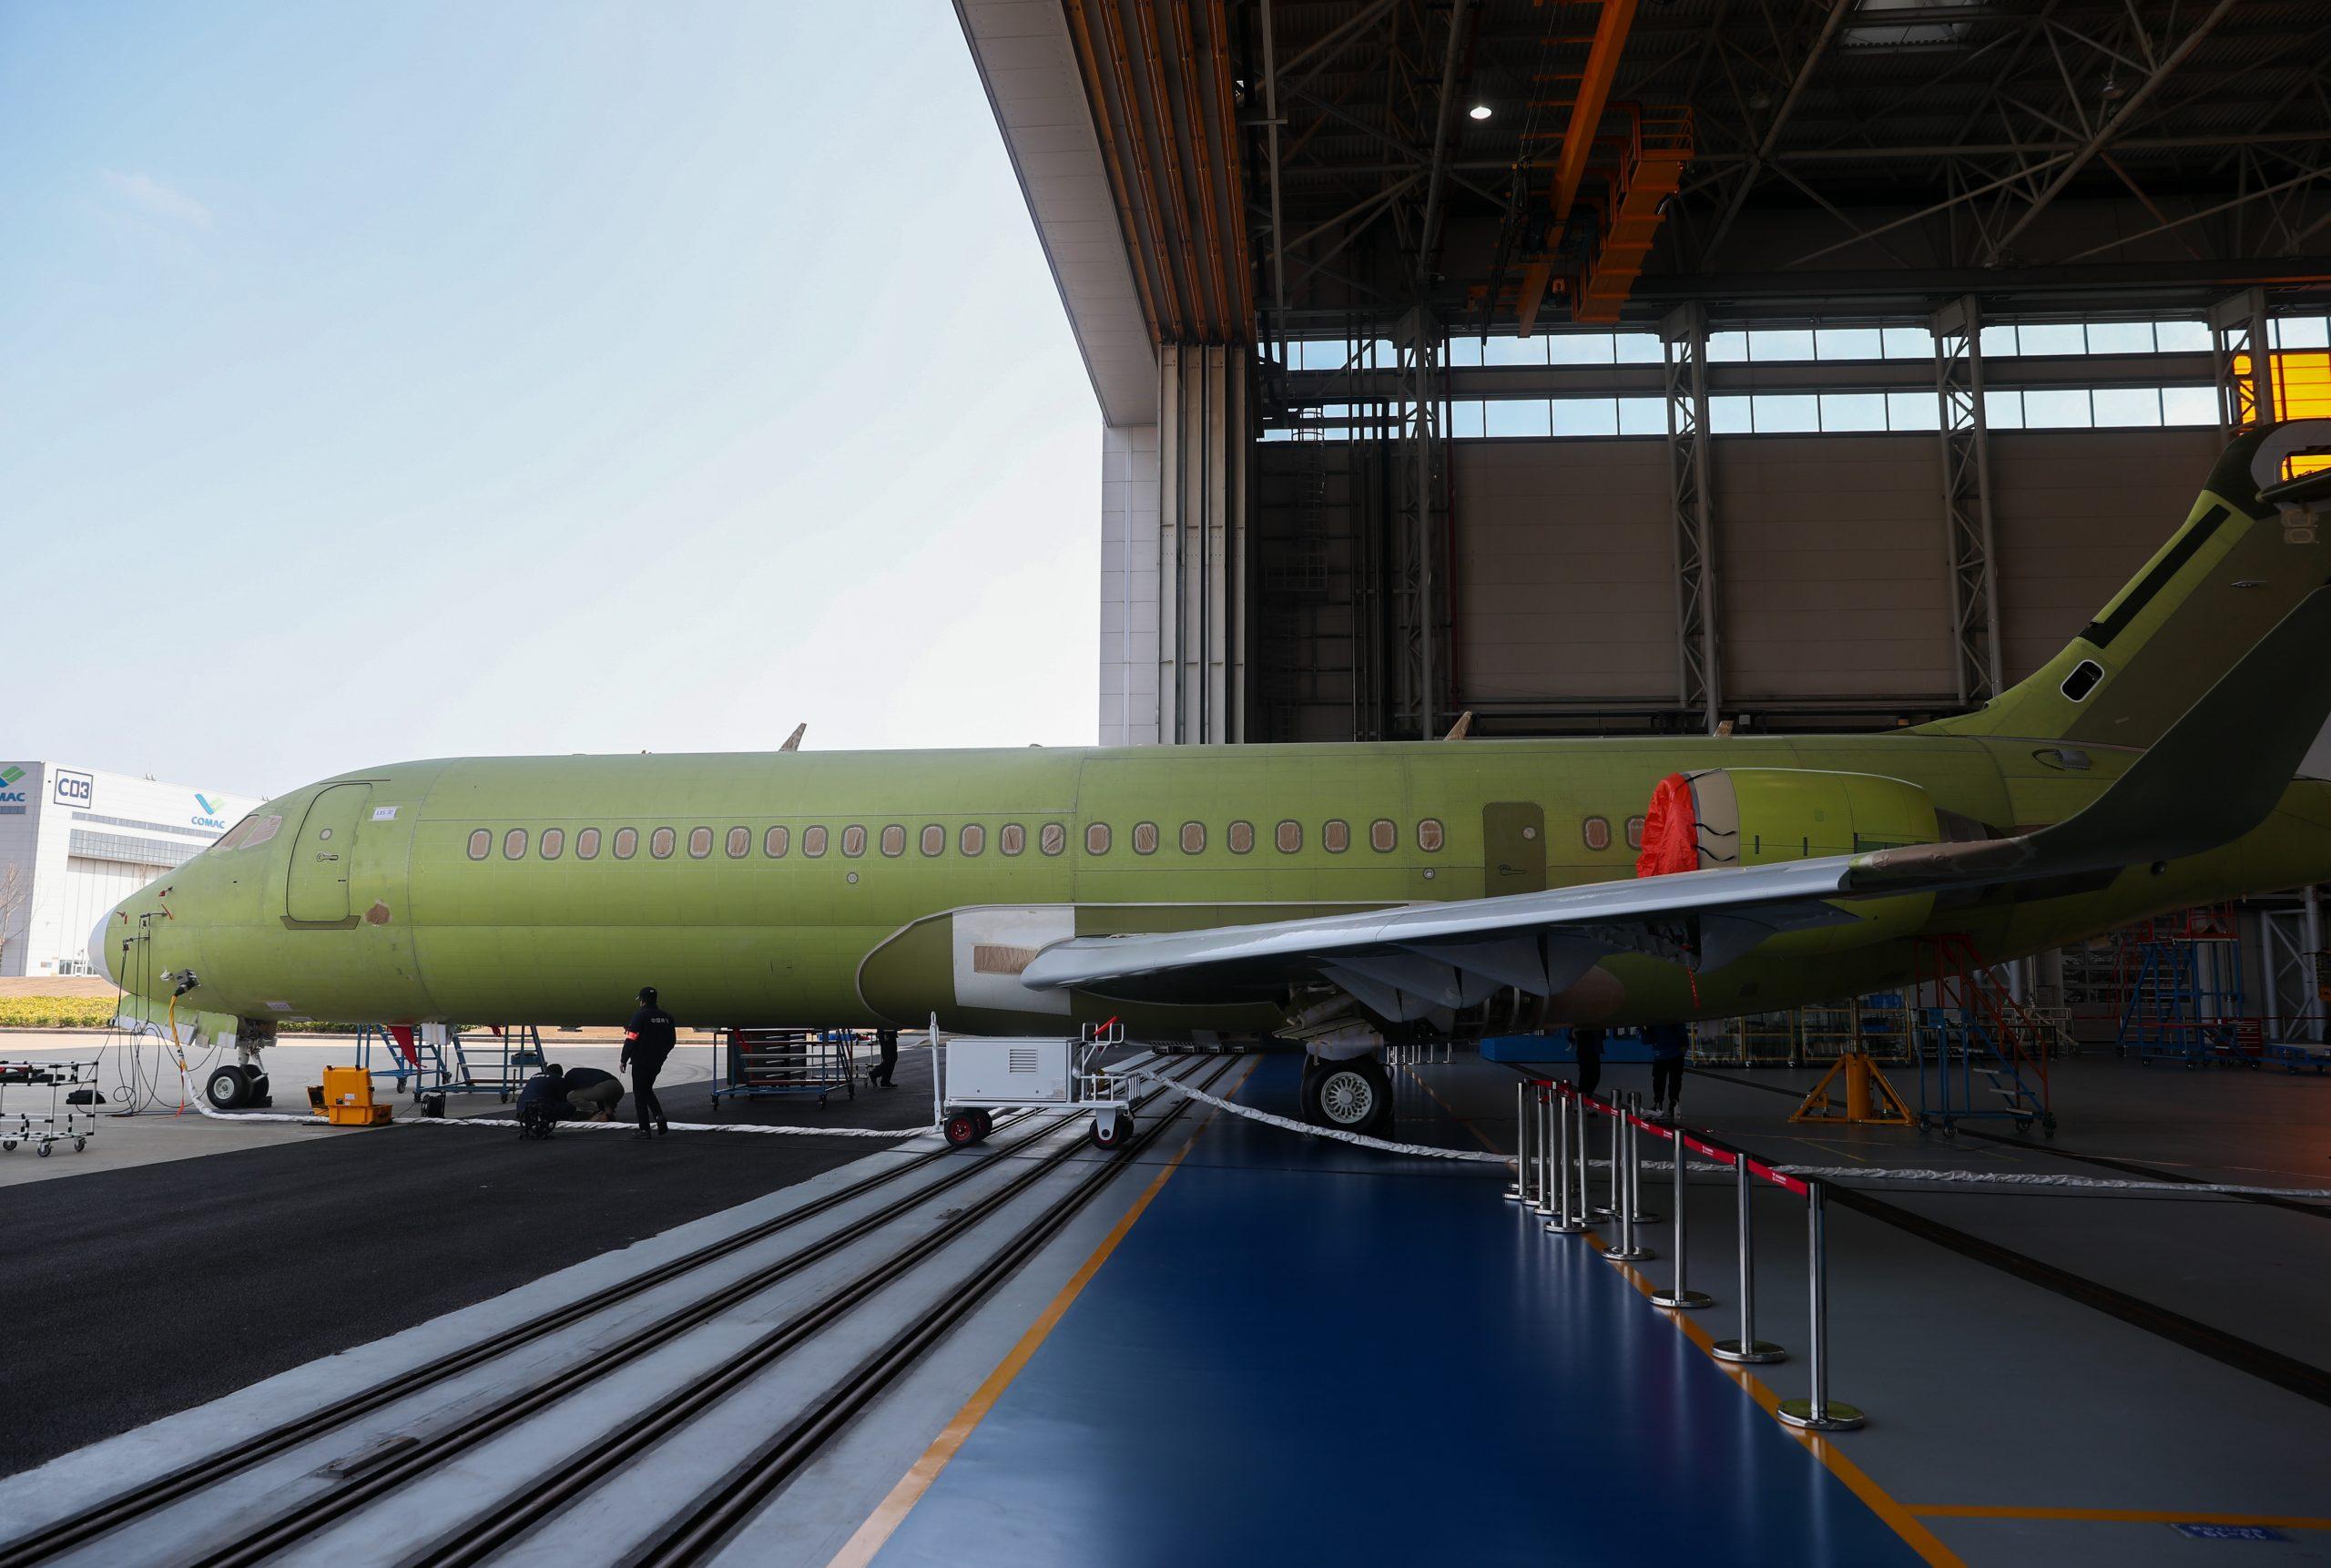 Air China recibe su tercer avión de pasajeros ARJ21